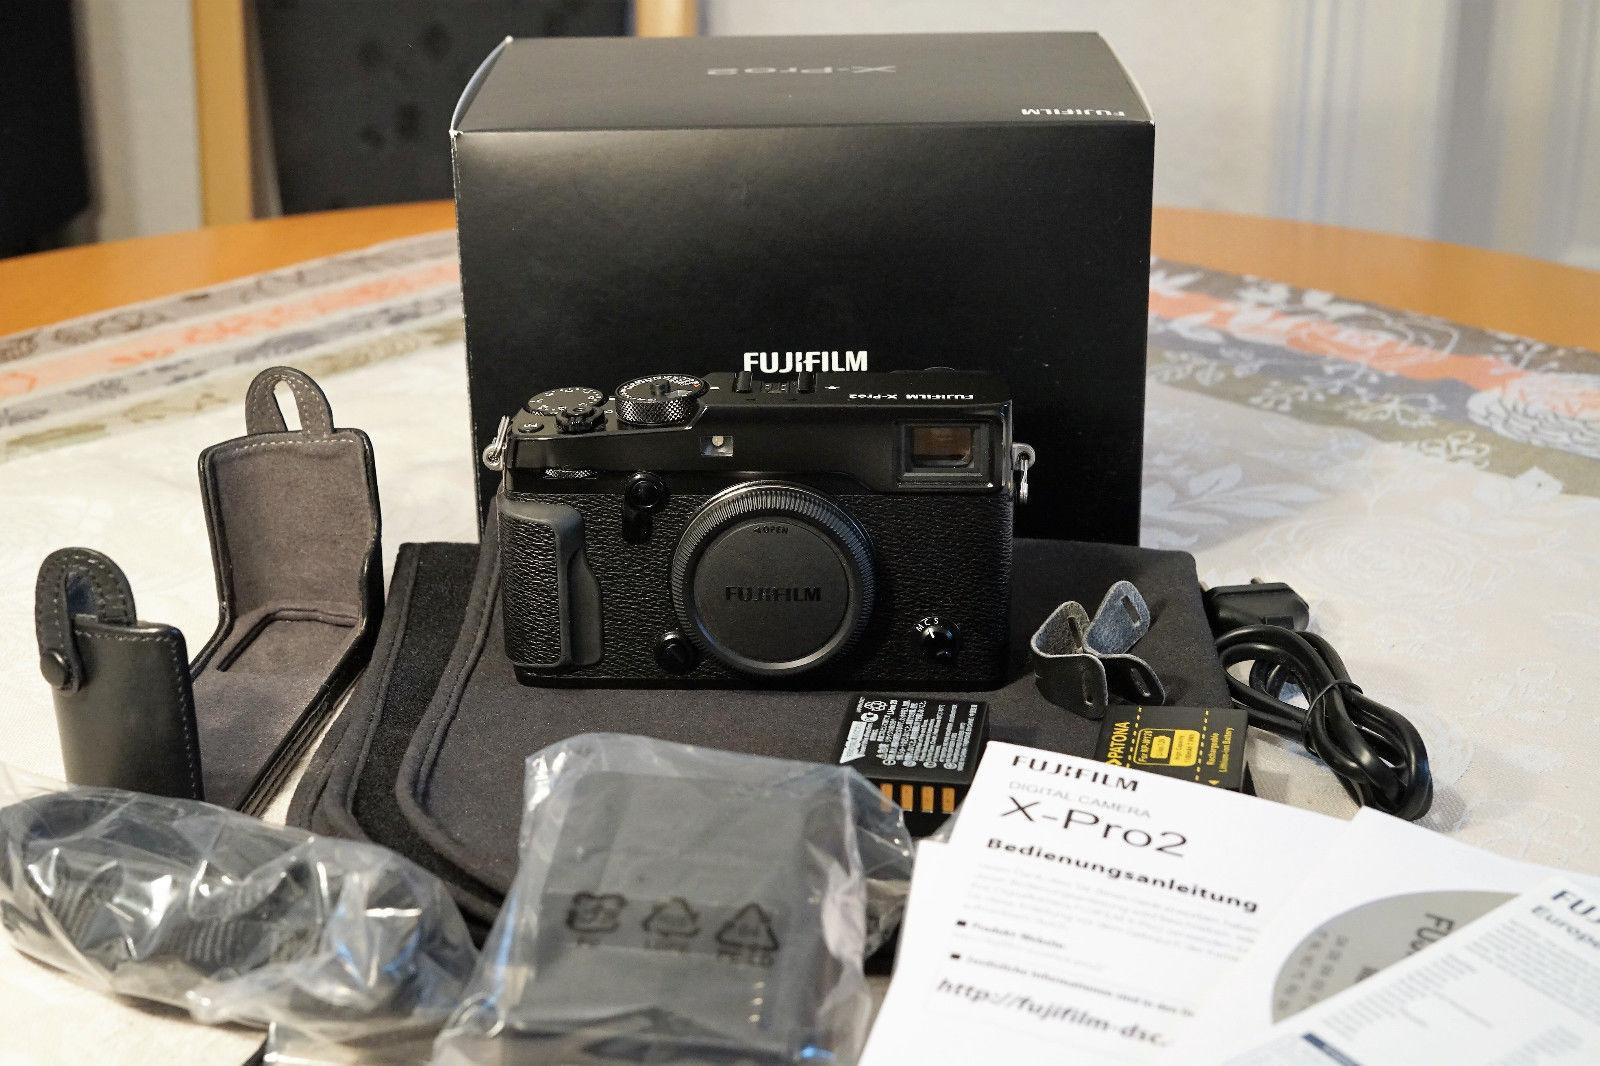 Fujifilm X Pro2, Body, schwarz, 3 Monate jung Zubehörpaket